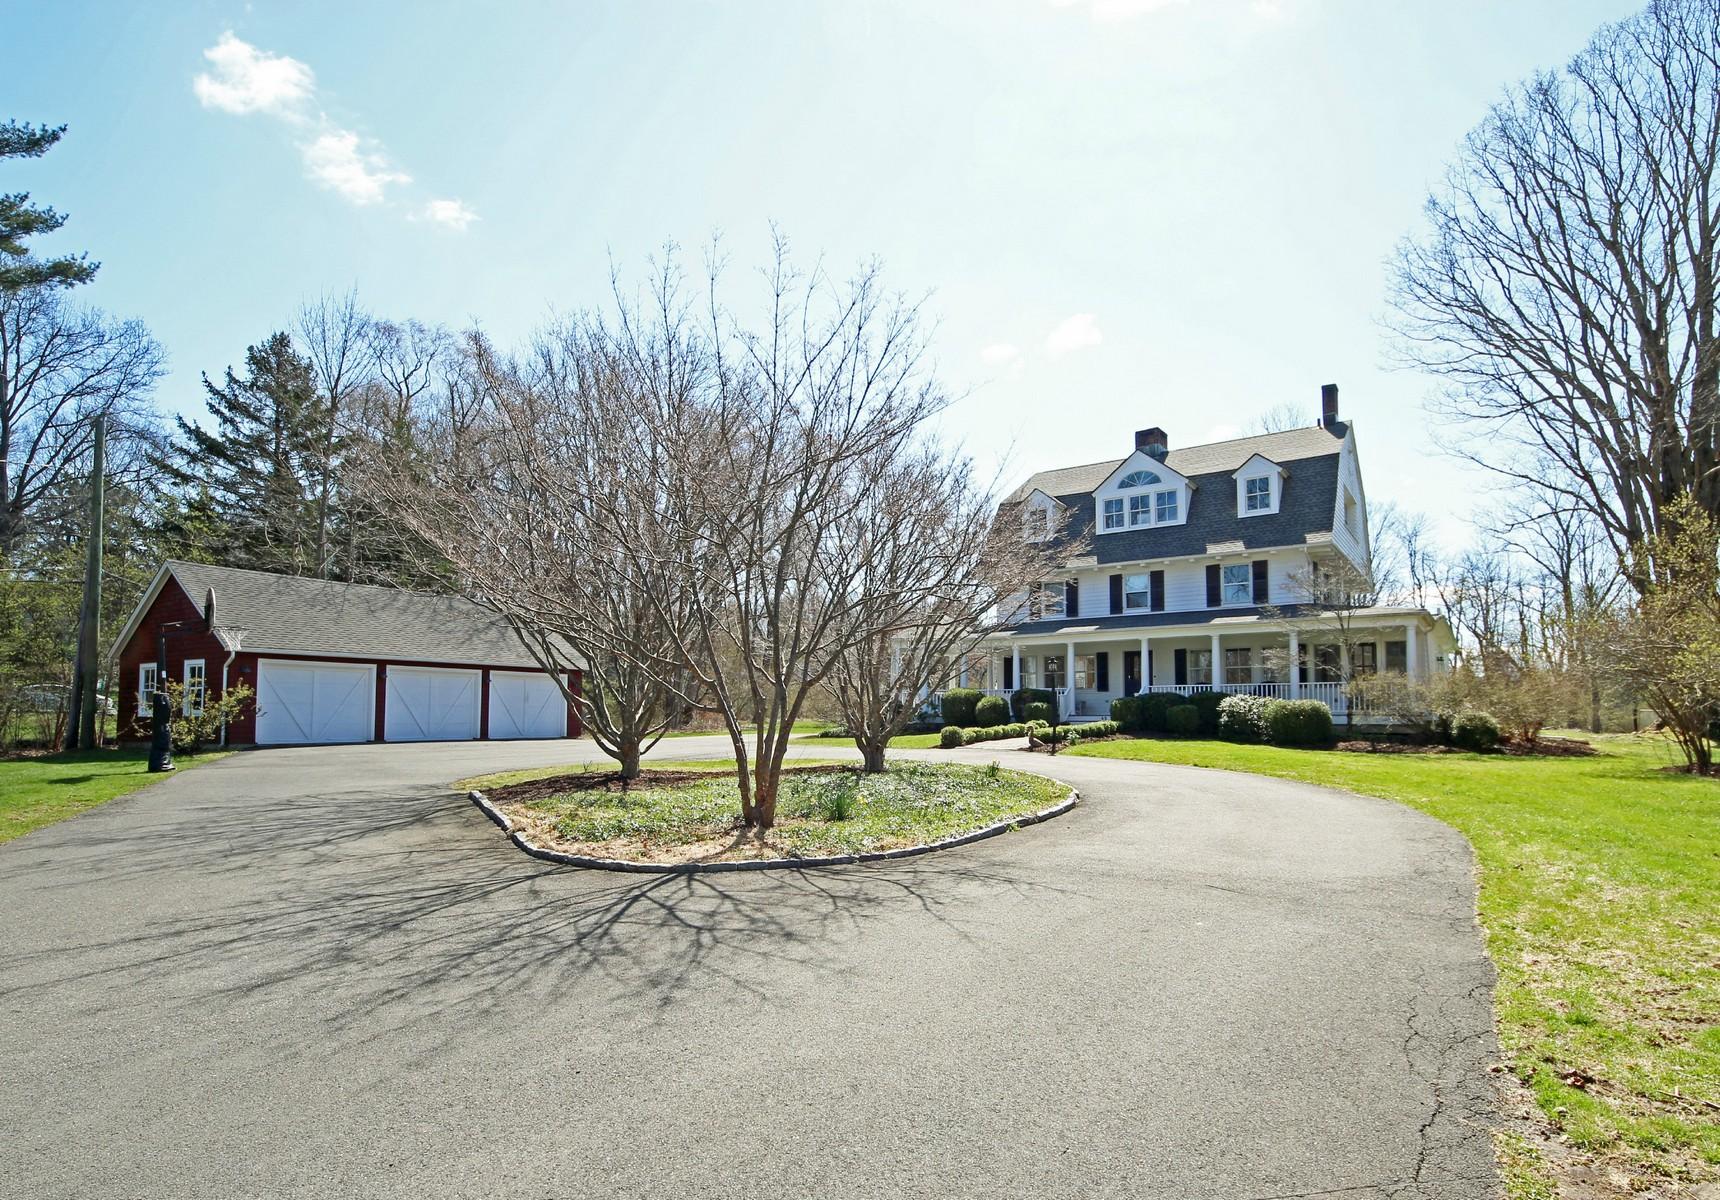 단독 가정 주택 용 매매 에 In-town Living 45 Peaceable Street Ridgefield, 코네티컷, 06877 미국